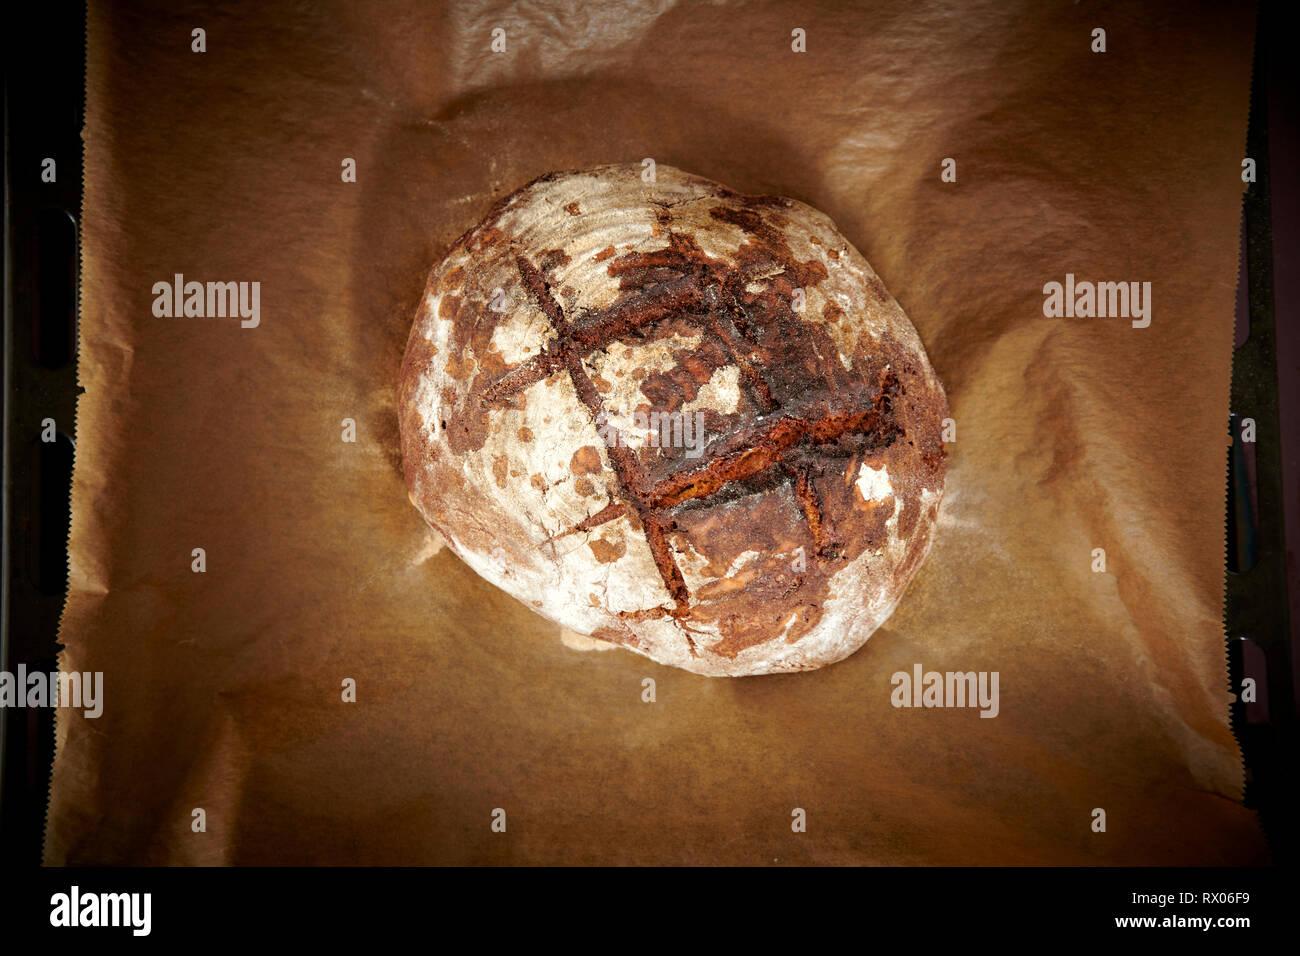 Selbstgebackenes Sauerteigbrot liegt auf Backpapier nach dem es aus dem Ofen geholt wurde. - Stock Image